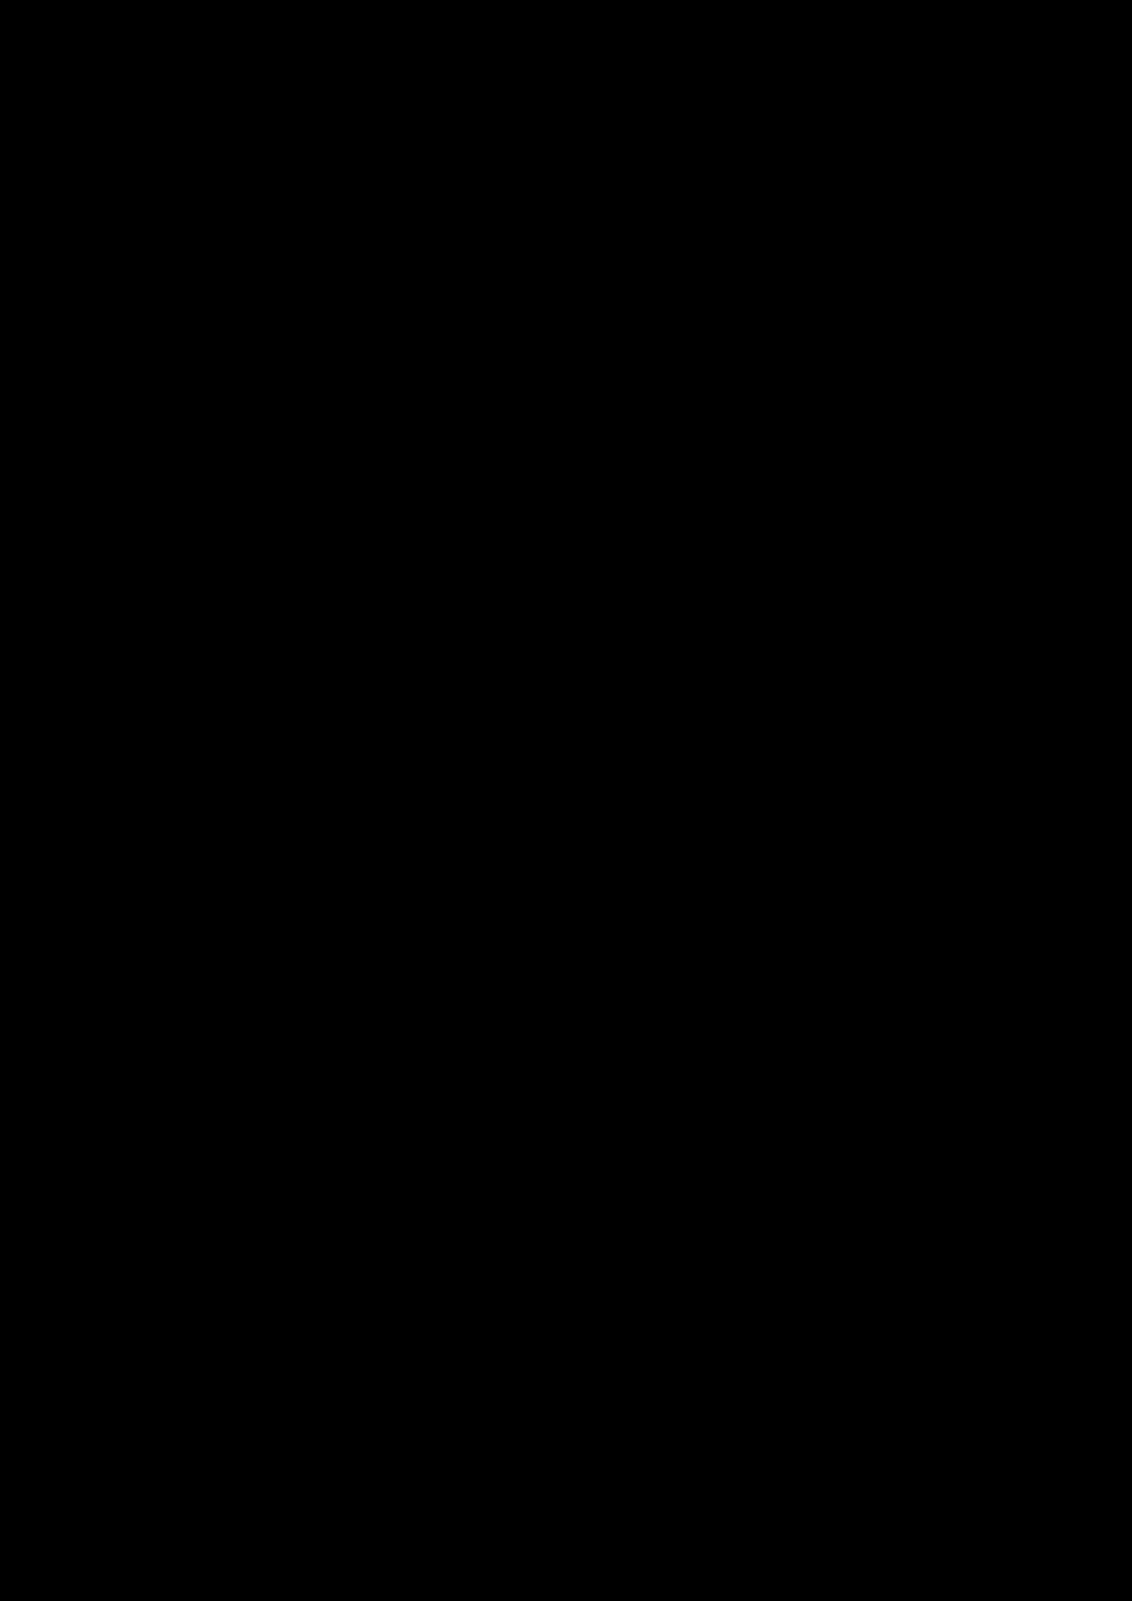 Serdtse slide, Image 60